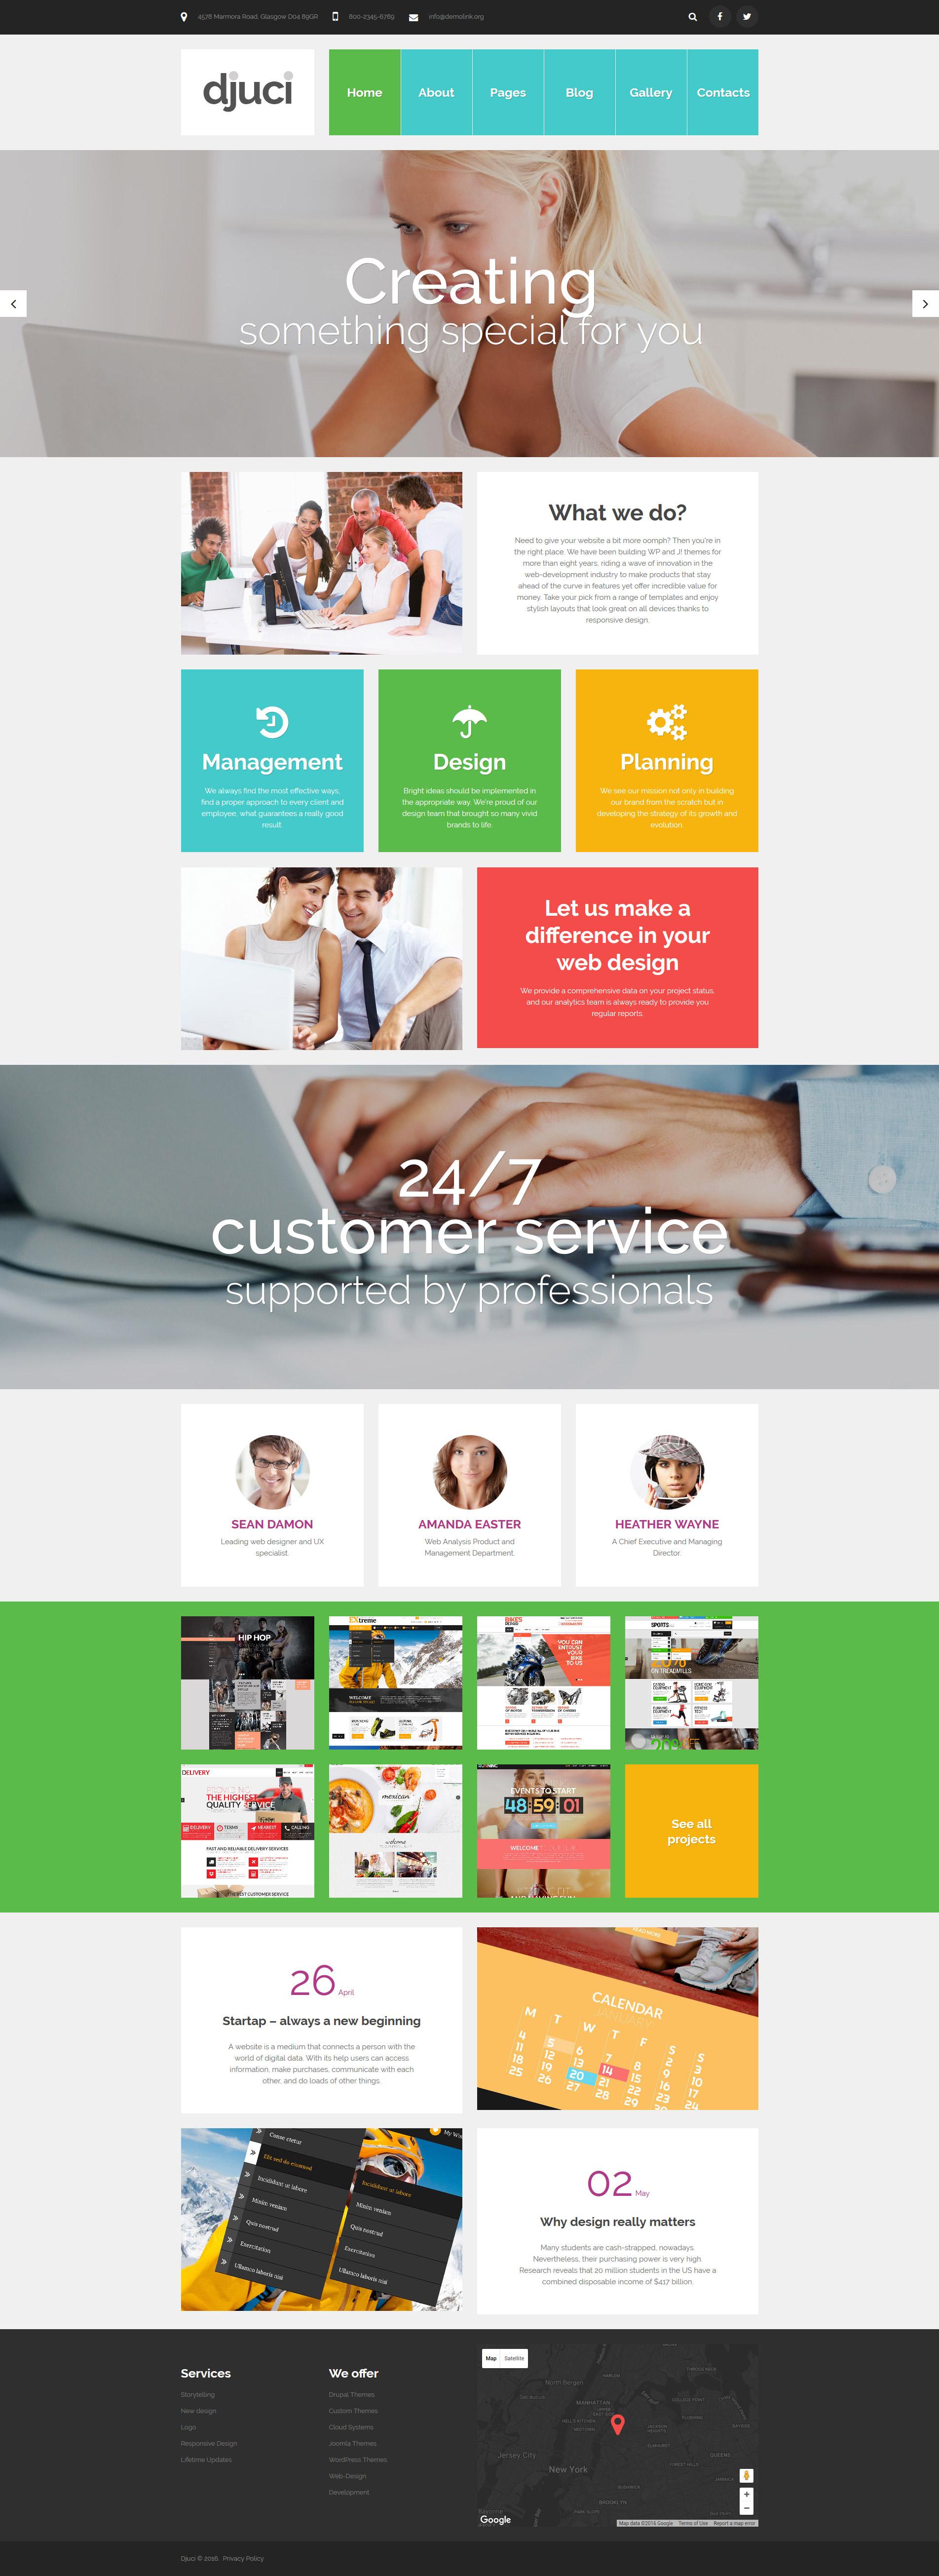 Djuci - Web Design Agency Joomla Template